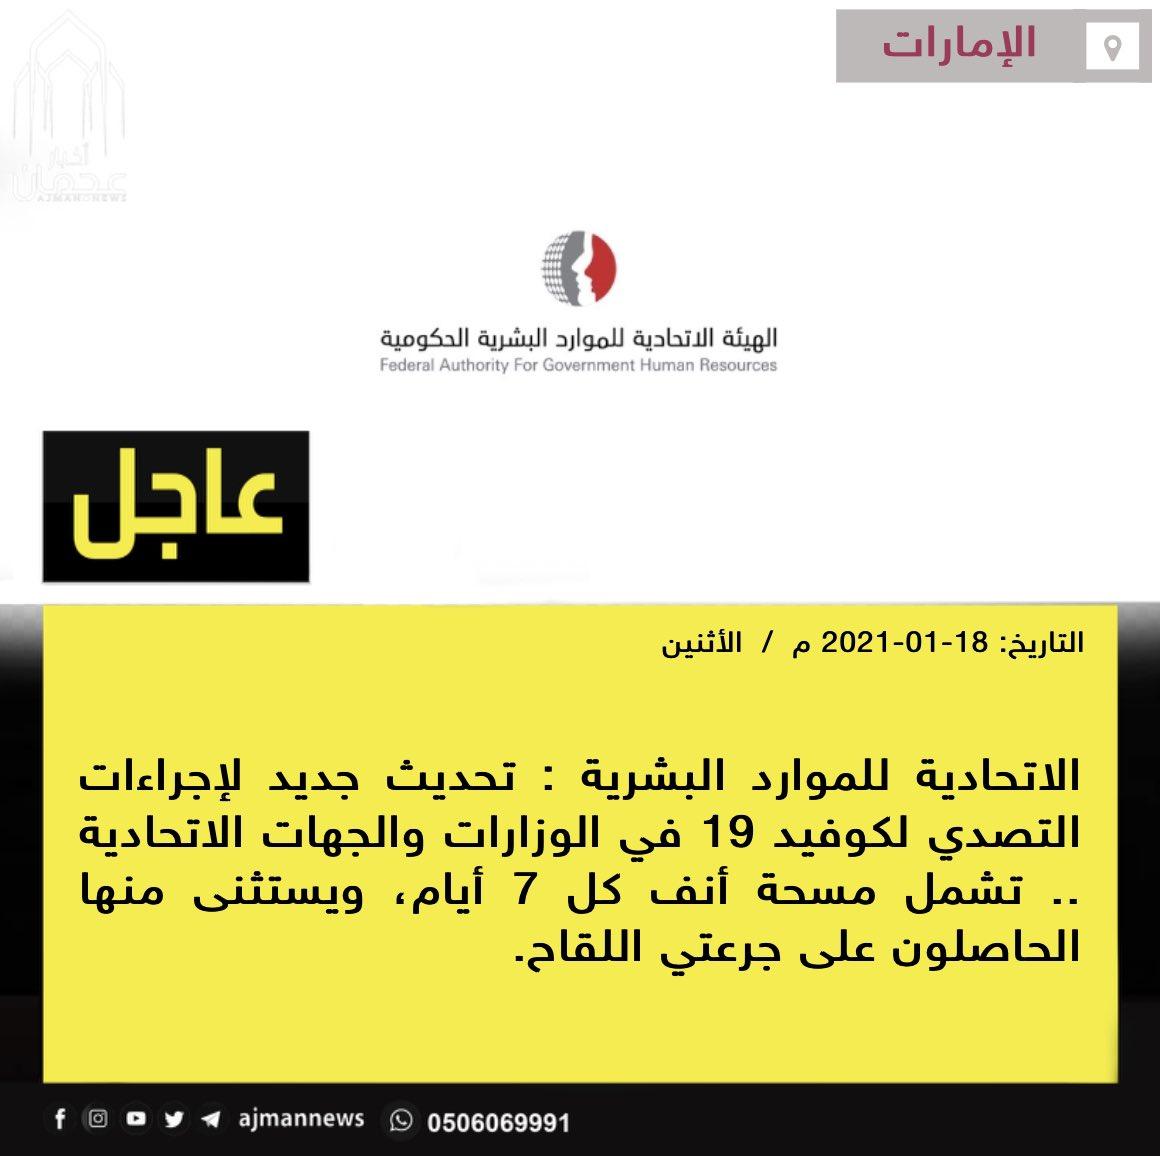 الاتحادية للموارد البشرية: مسحة أنف كل 7 أيام يستثنى منها الحاصلون على اللقاح  #عاجل #الإمارات